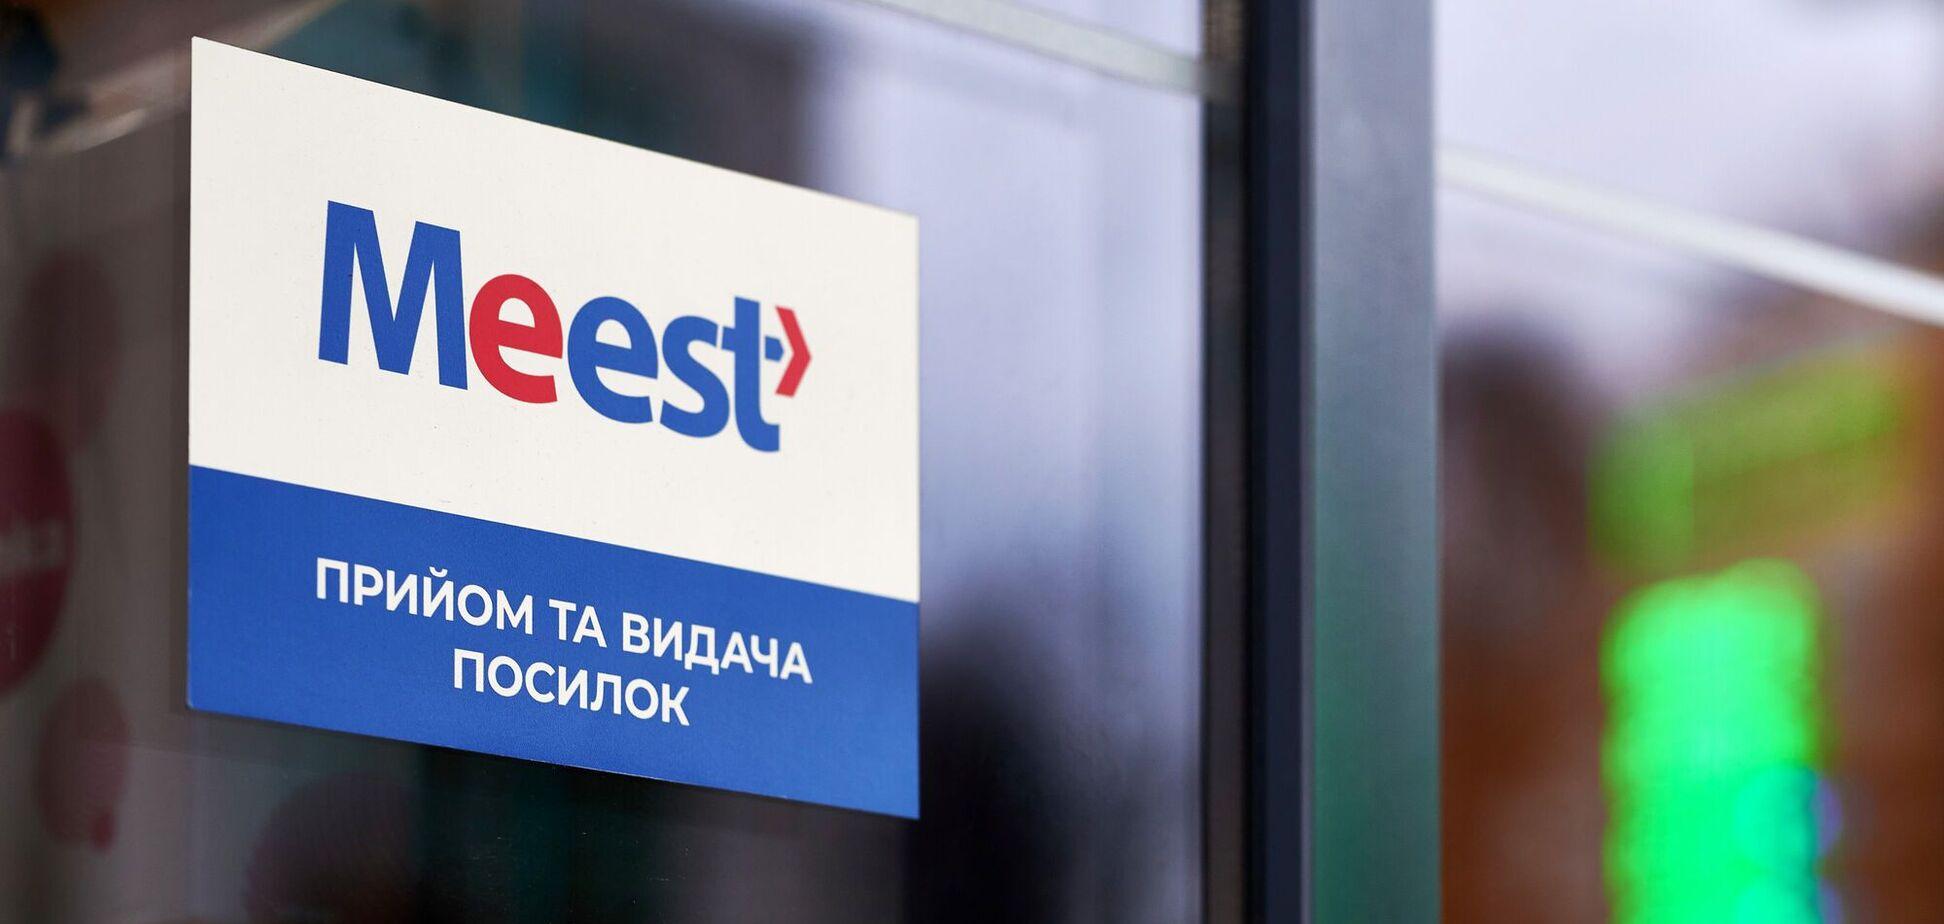 В течение апреля компания Meest бесплатно будет доставлять посылки по Украине